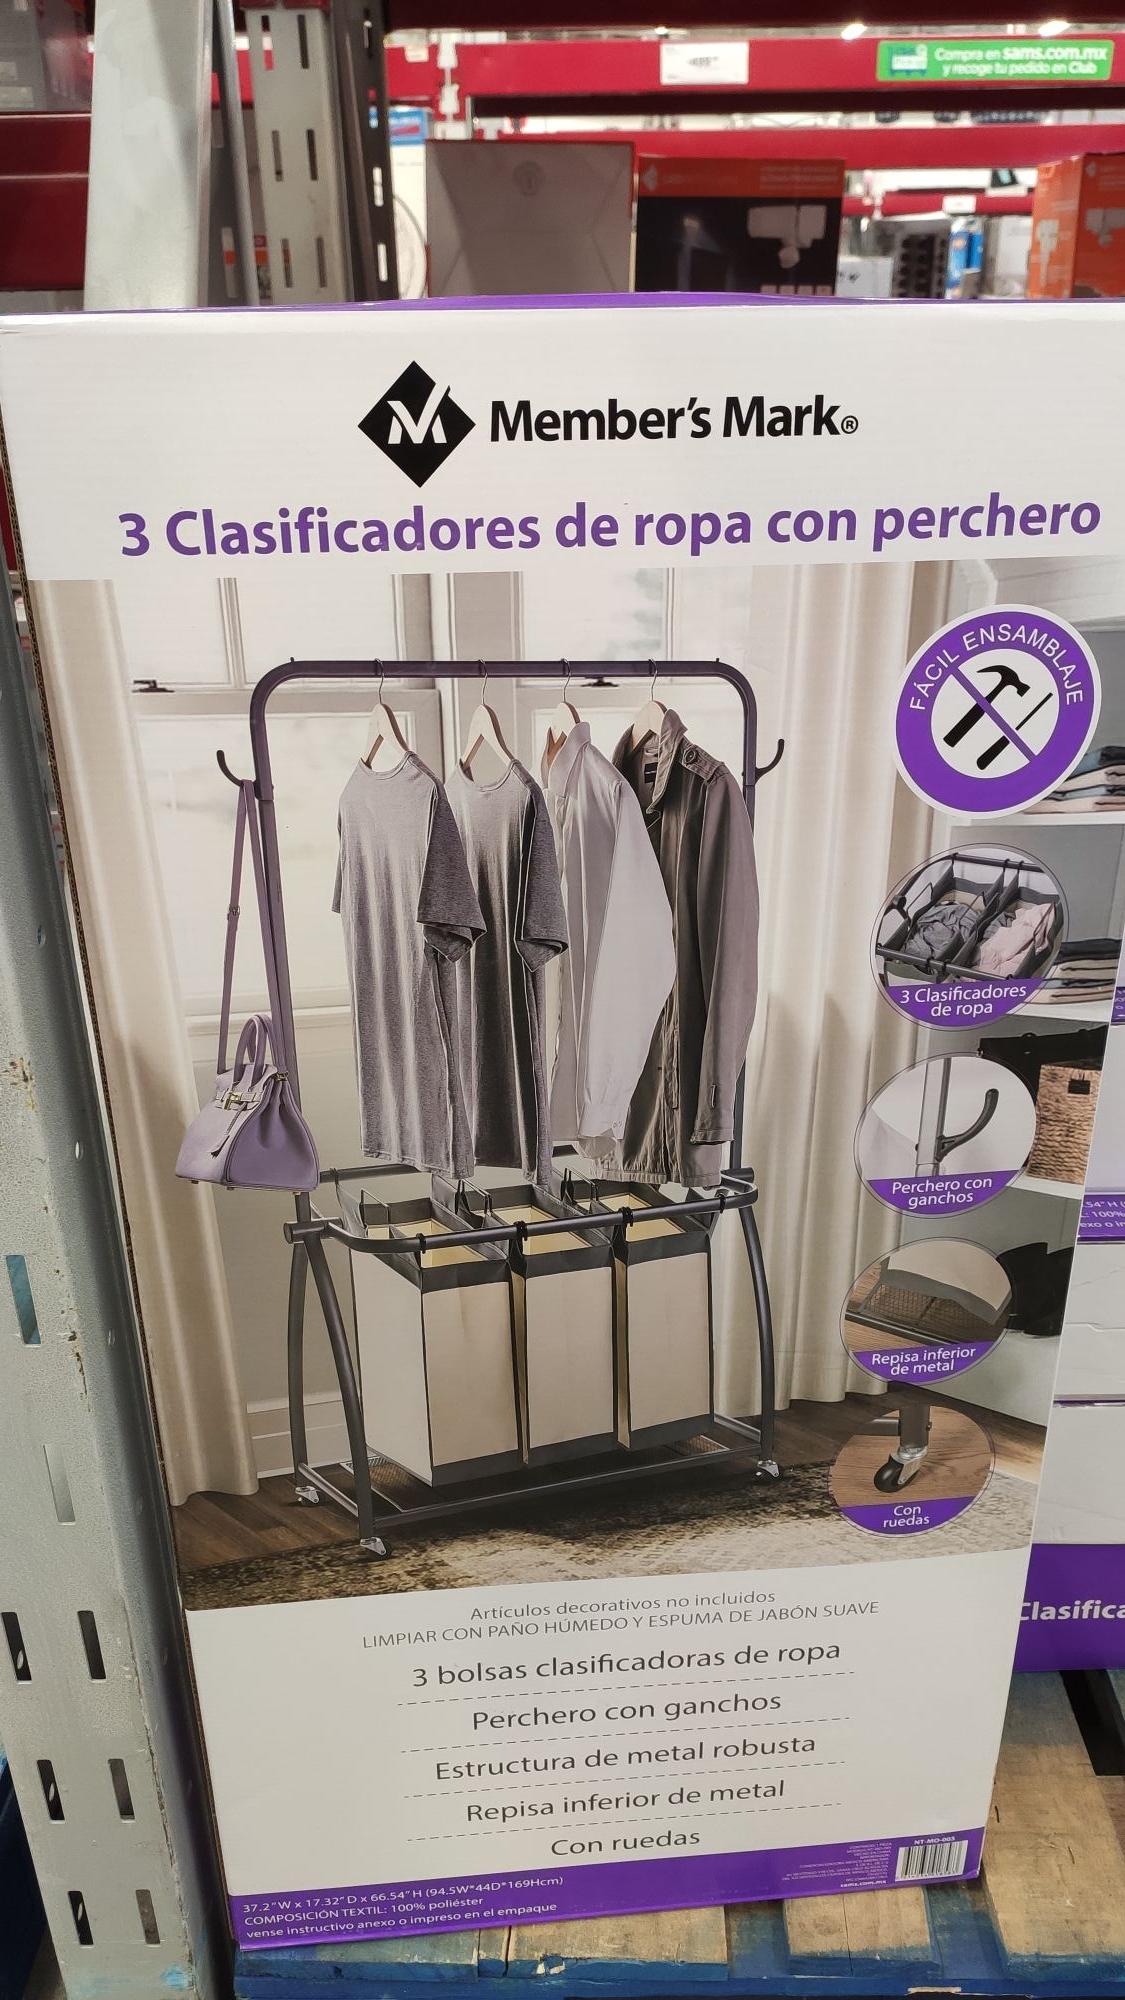 Sam's Club: 3 clasificadores de ropa con perchero